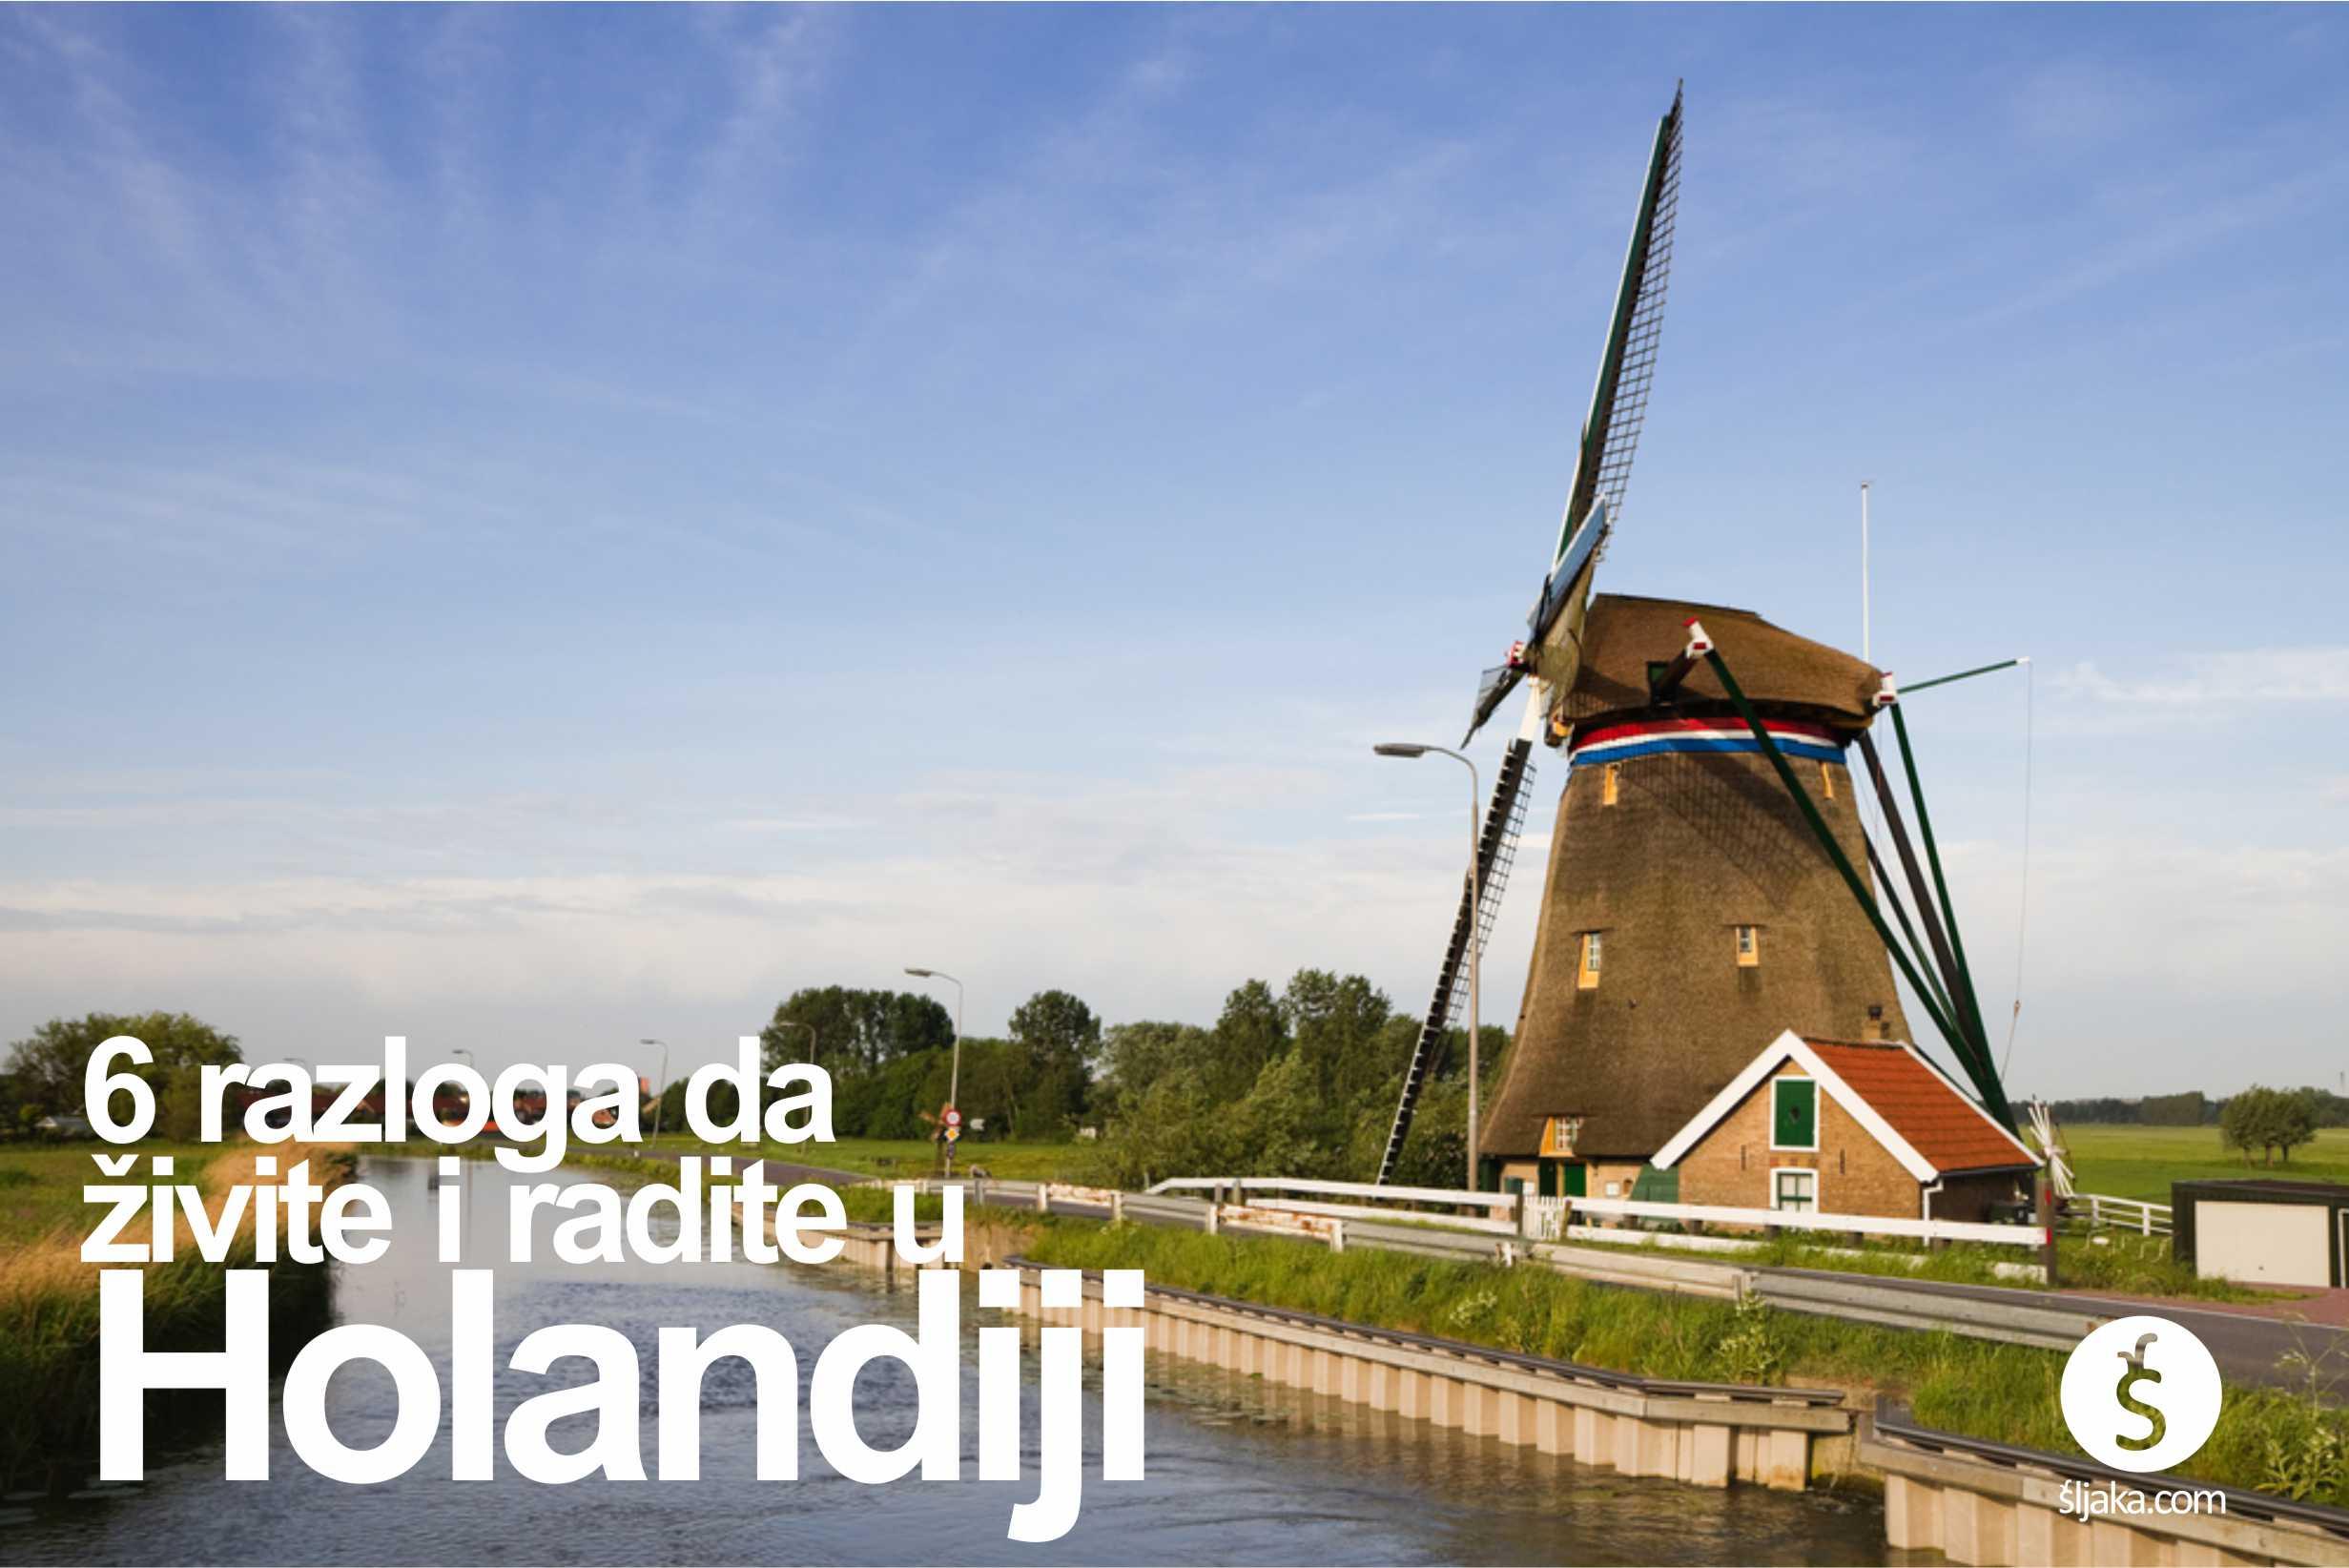 6 razloga zbog kojih treba da radite I živite u Holandiji